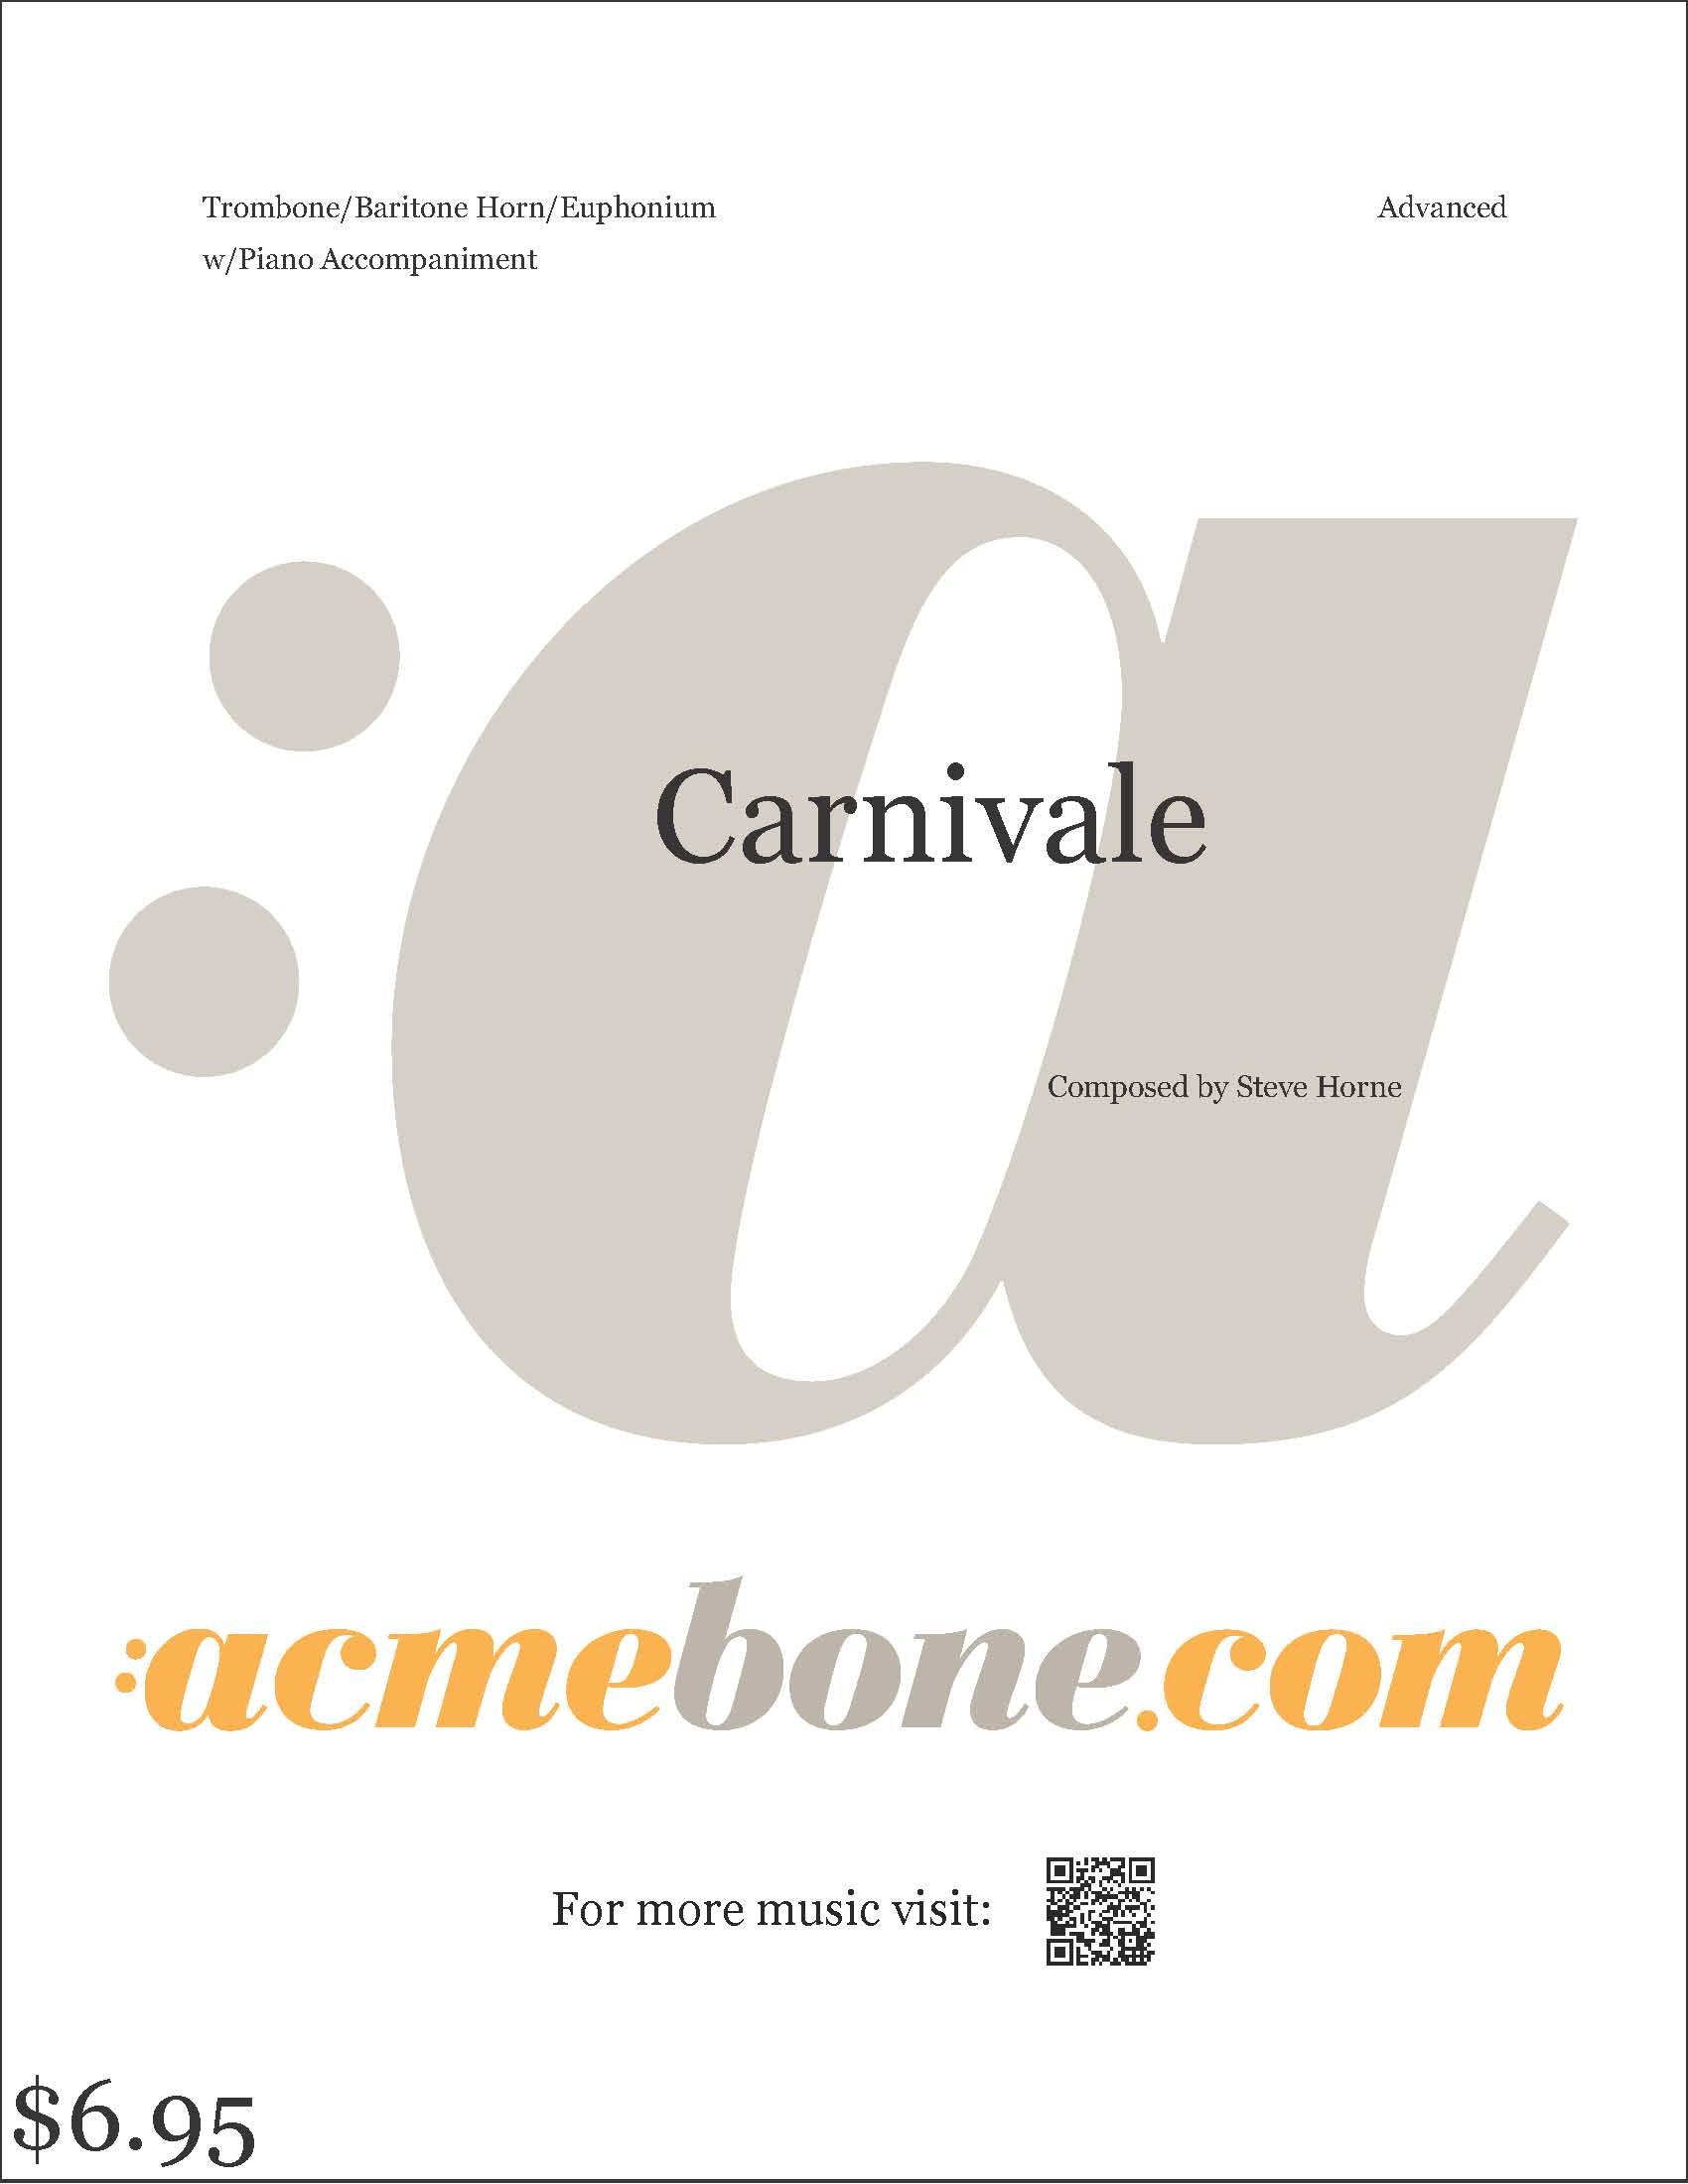 Carnivale_digital_cover_w-bo_price.jpg